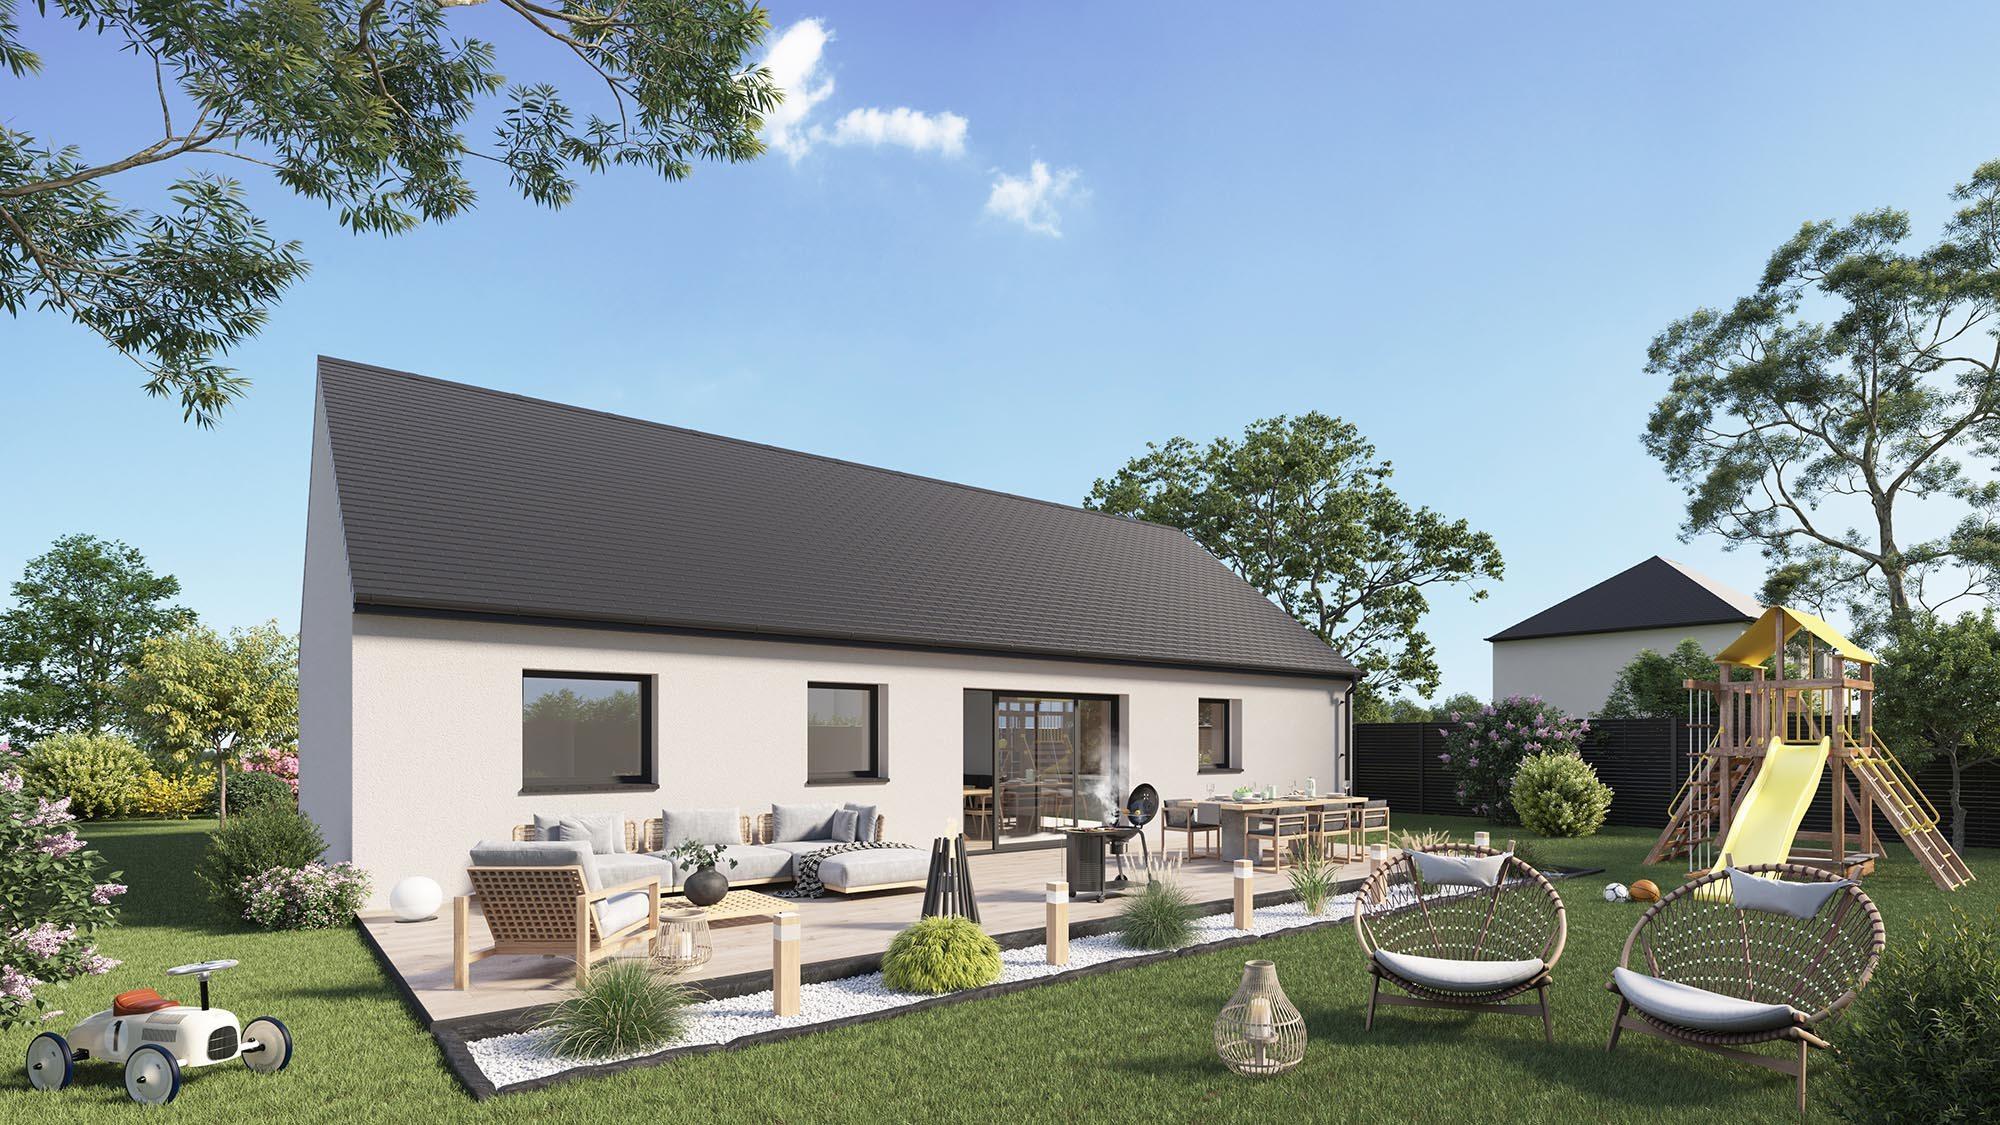 Maisons + Terrains du constructeur MAISON CASTOR REIMS • 96 m² • FISMES